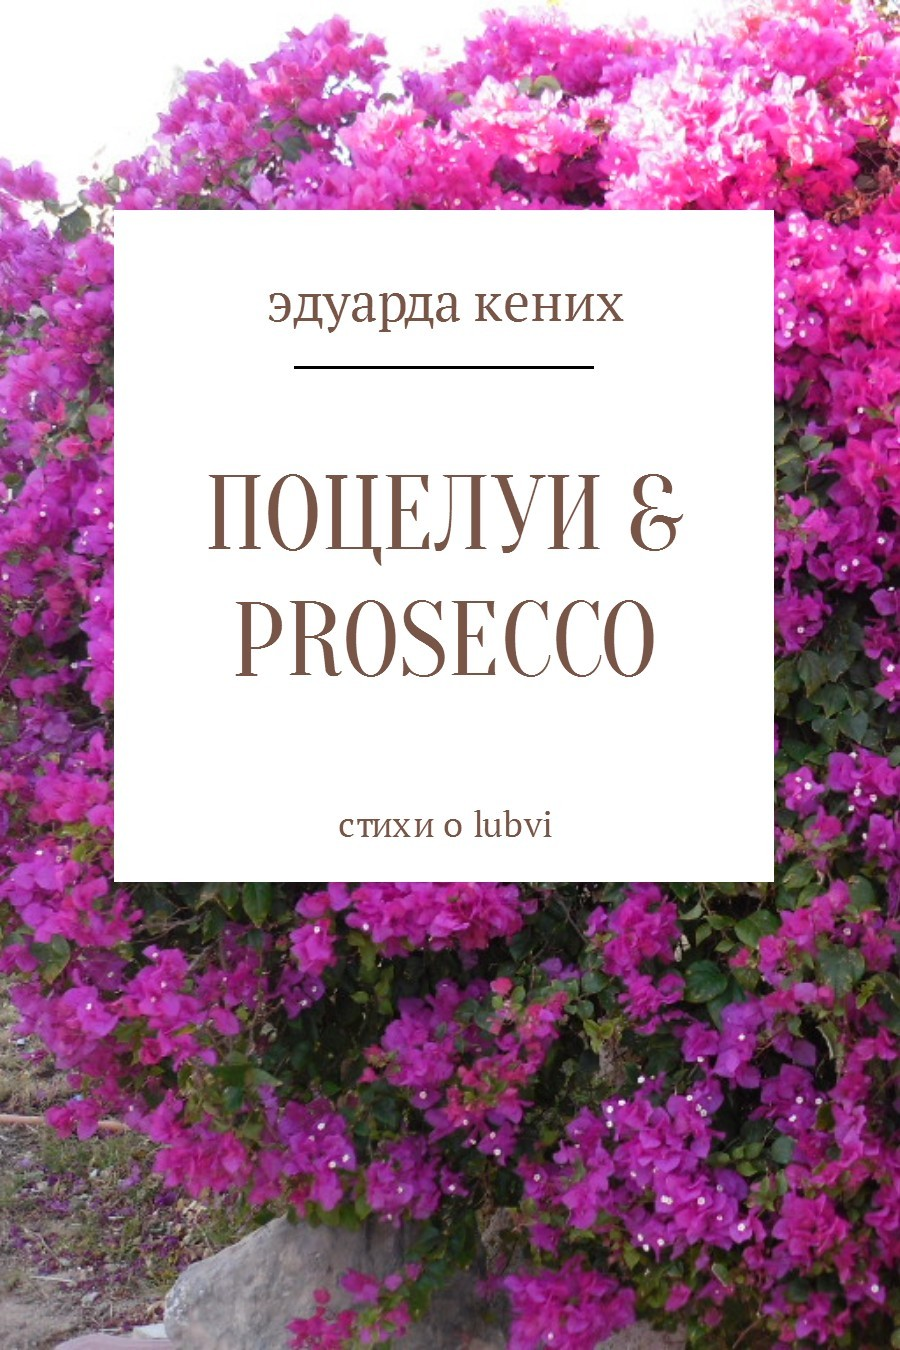 Эдуарда Кених Поцелуи & Prosecco